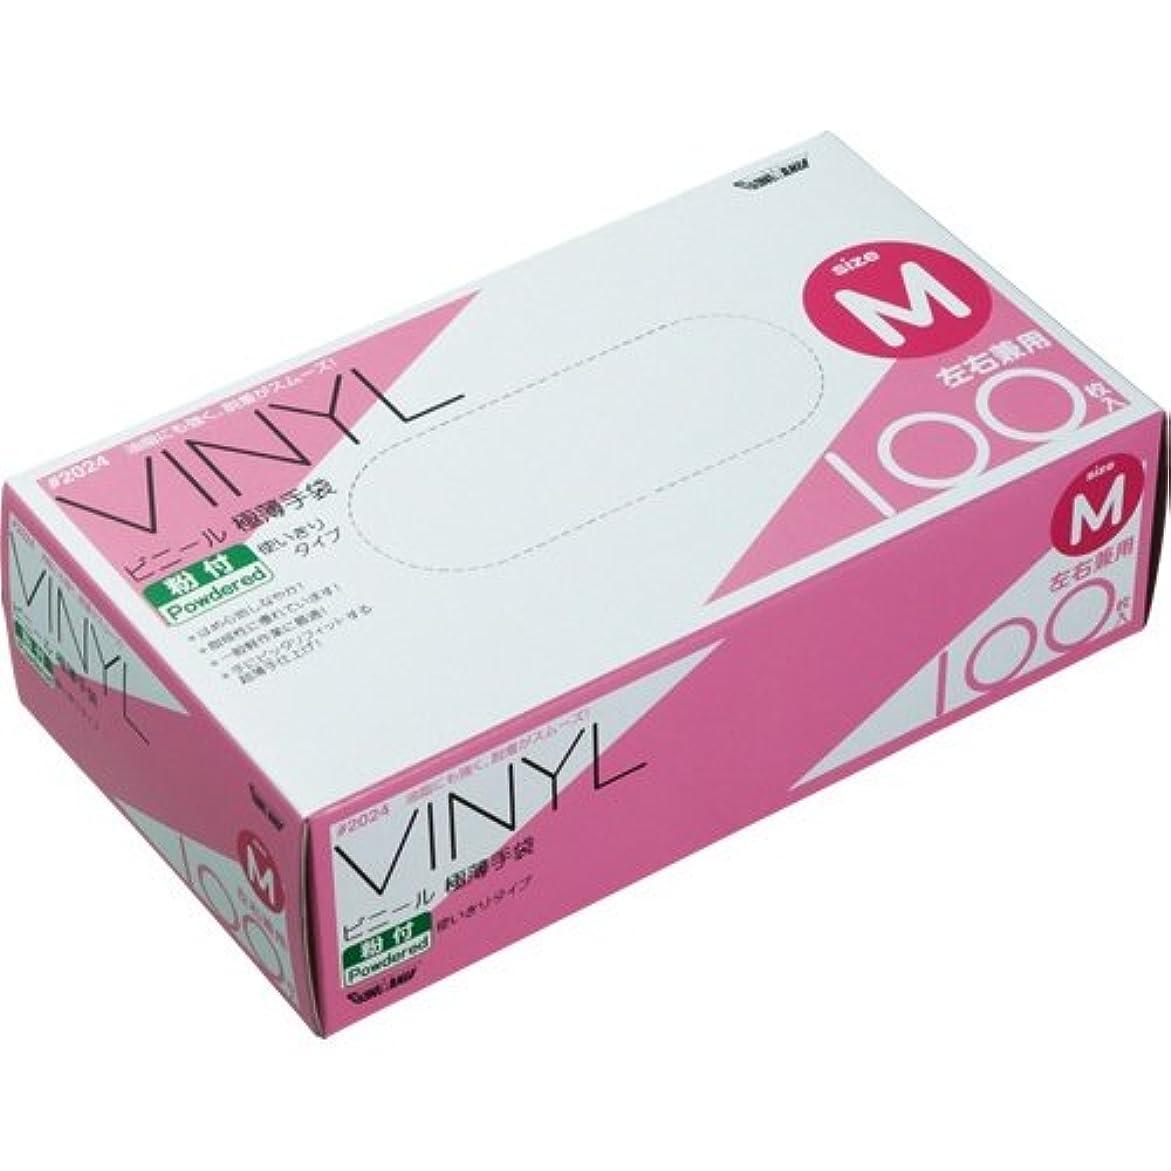 インシュレータ関税添加剤川西工業 ビニール極薄手袋 粉付 M #2024 1セット(2000枚:100枚×20箱)